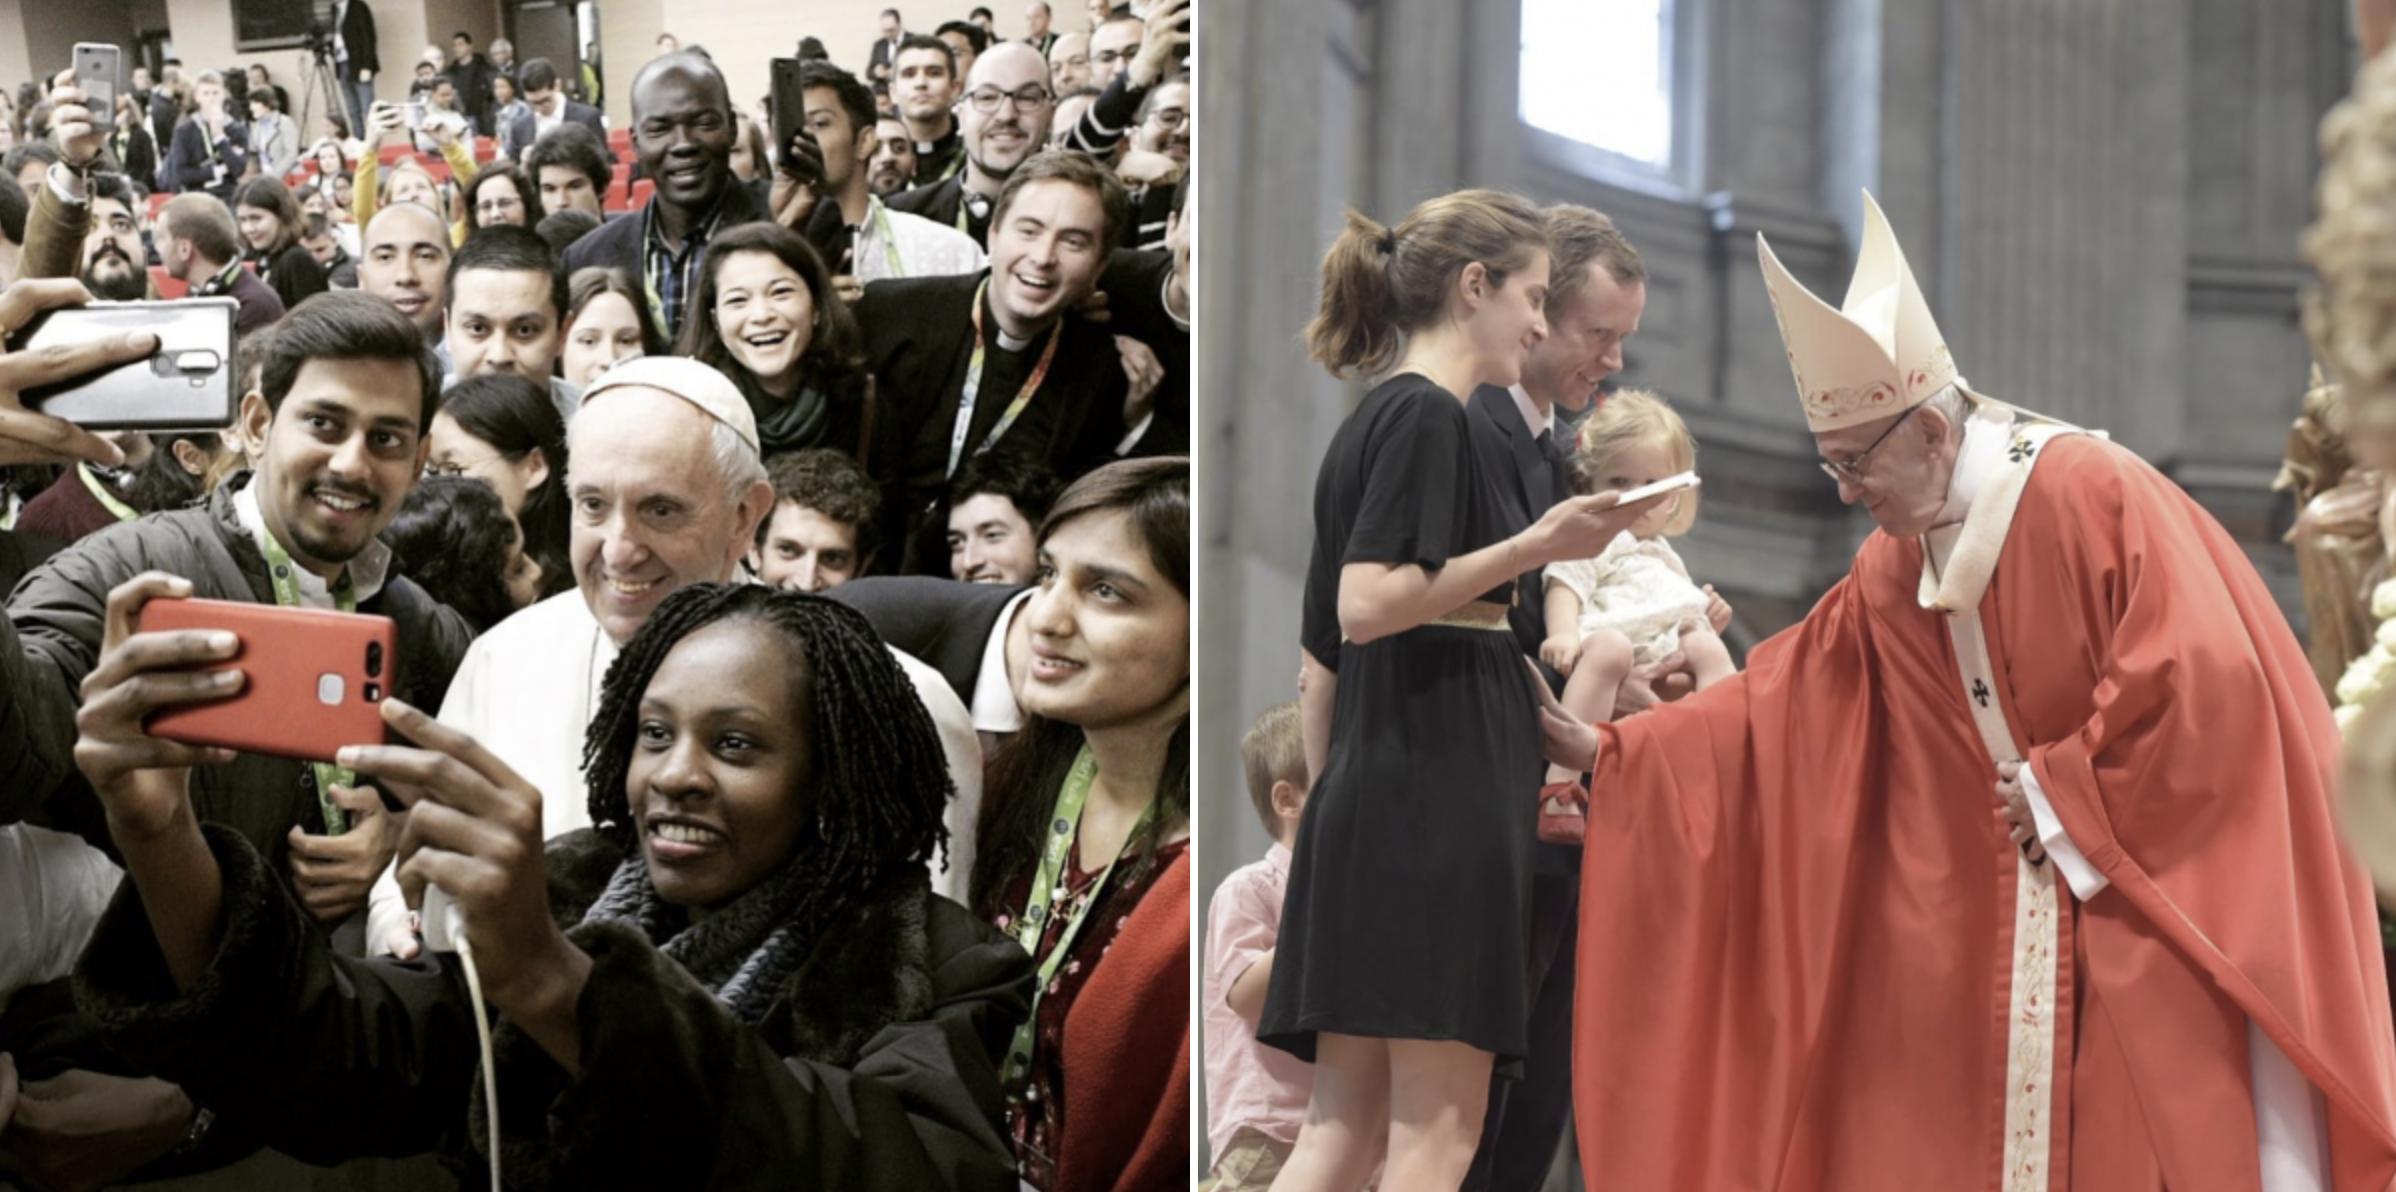 Oposição ao Papa tem rede de blogs, panfletagem e acusações de comunismo